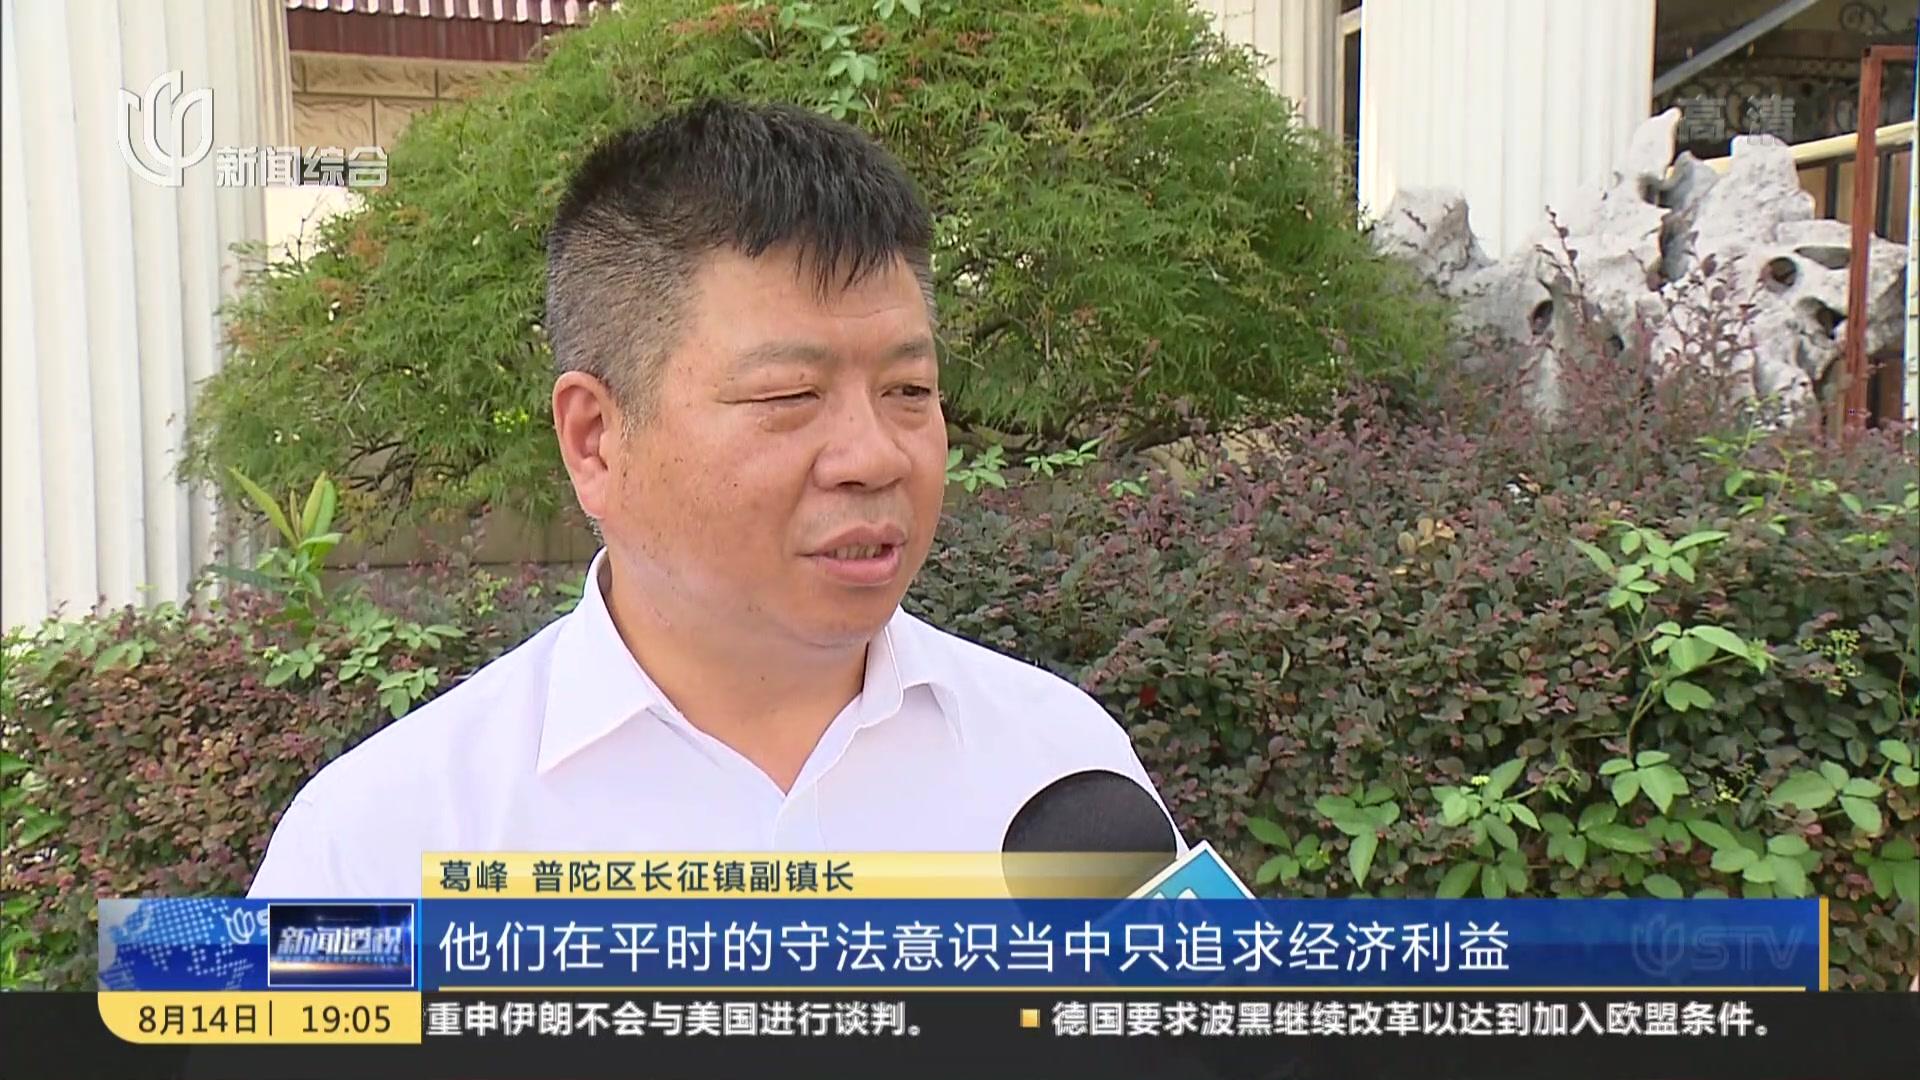 新闻透视:上海的店招店牌到底是如何管理的?